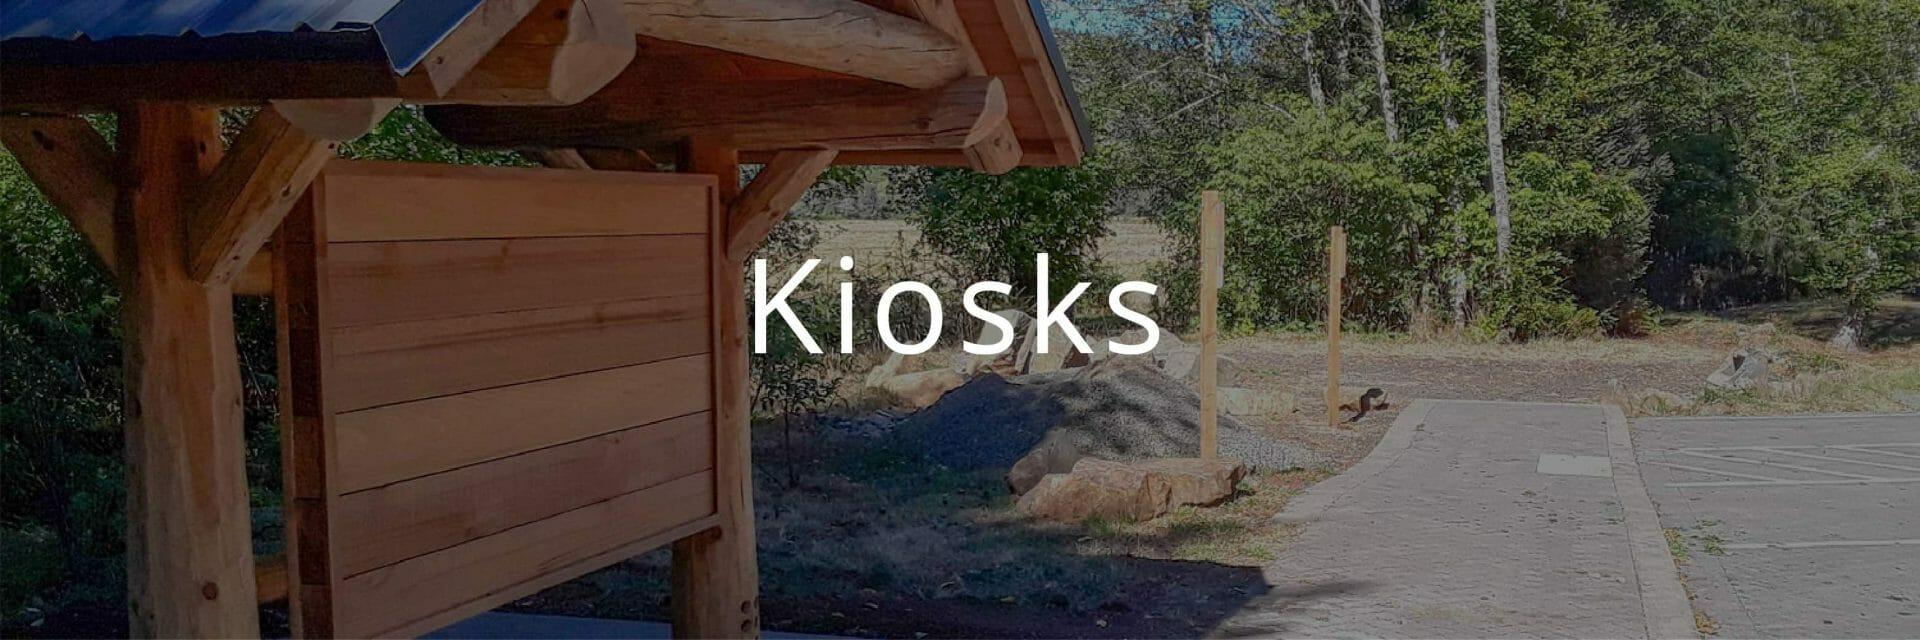 Log Kiosk at Trailhead Park